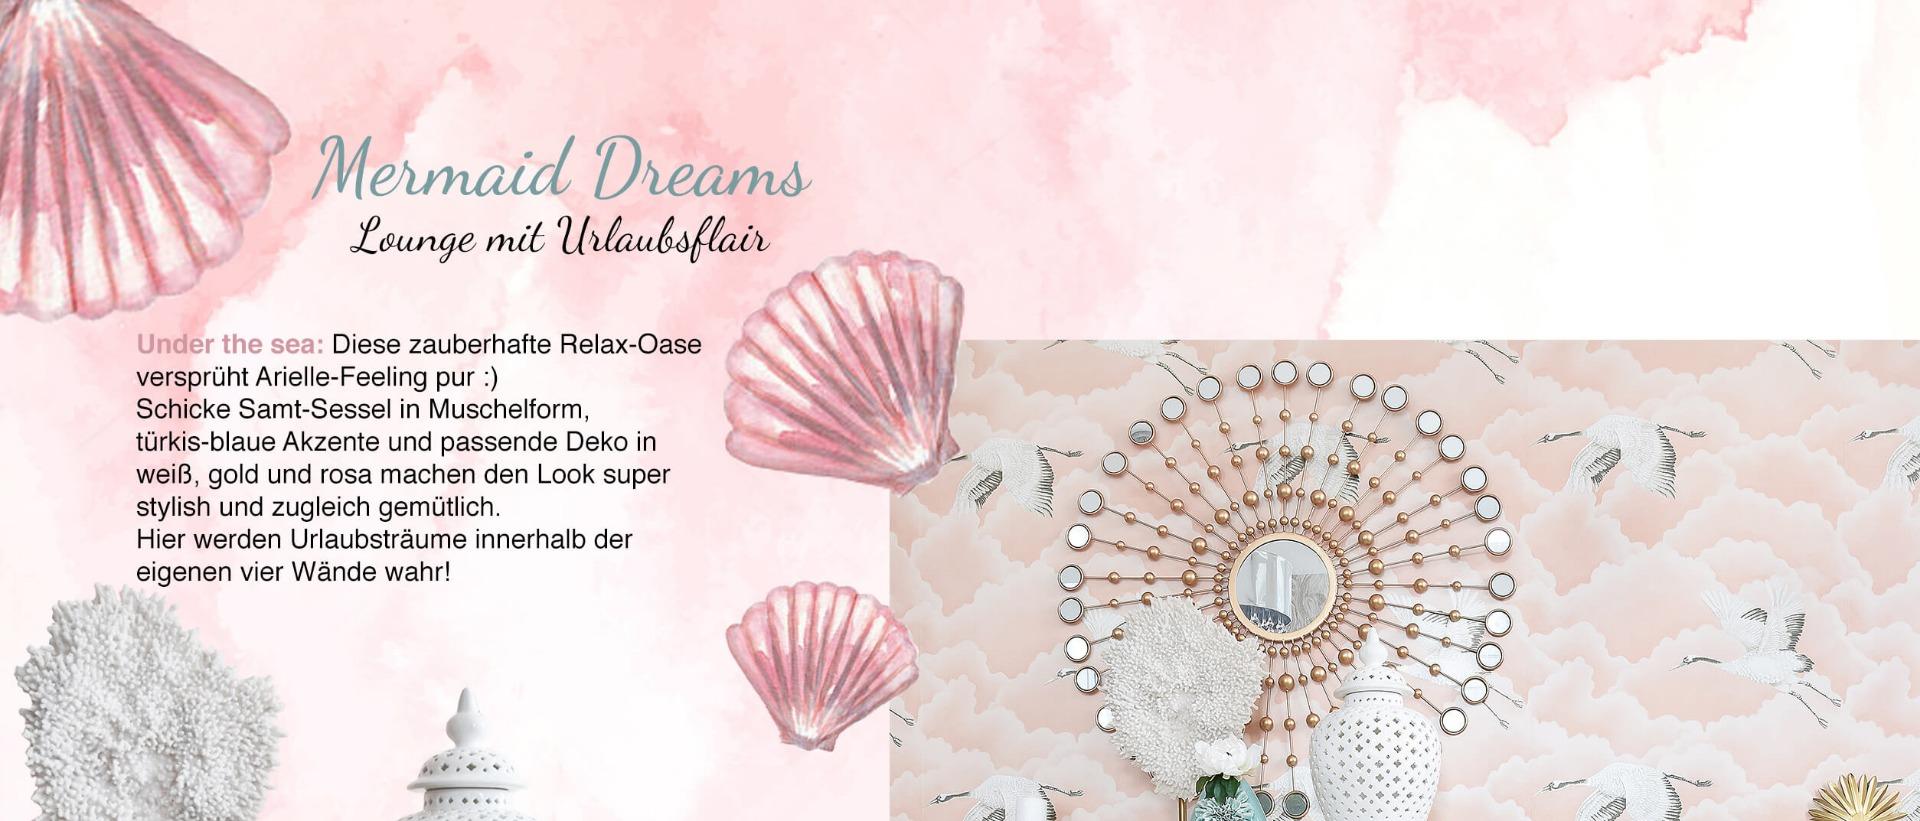 Mermaid Dreams - Wohnzimmer-Lounge in Rosa & Türkisblau - Looks